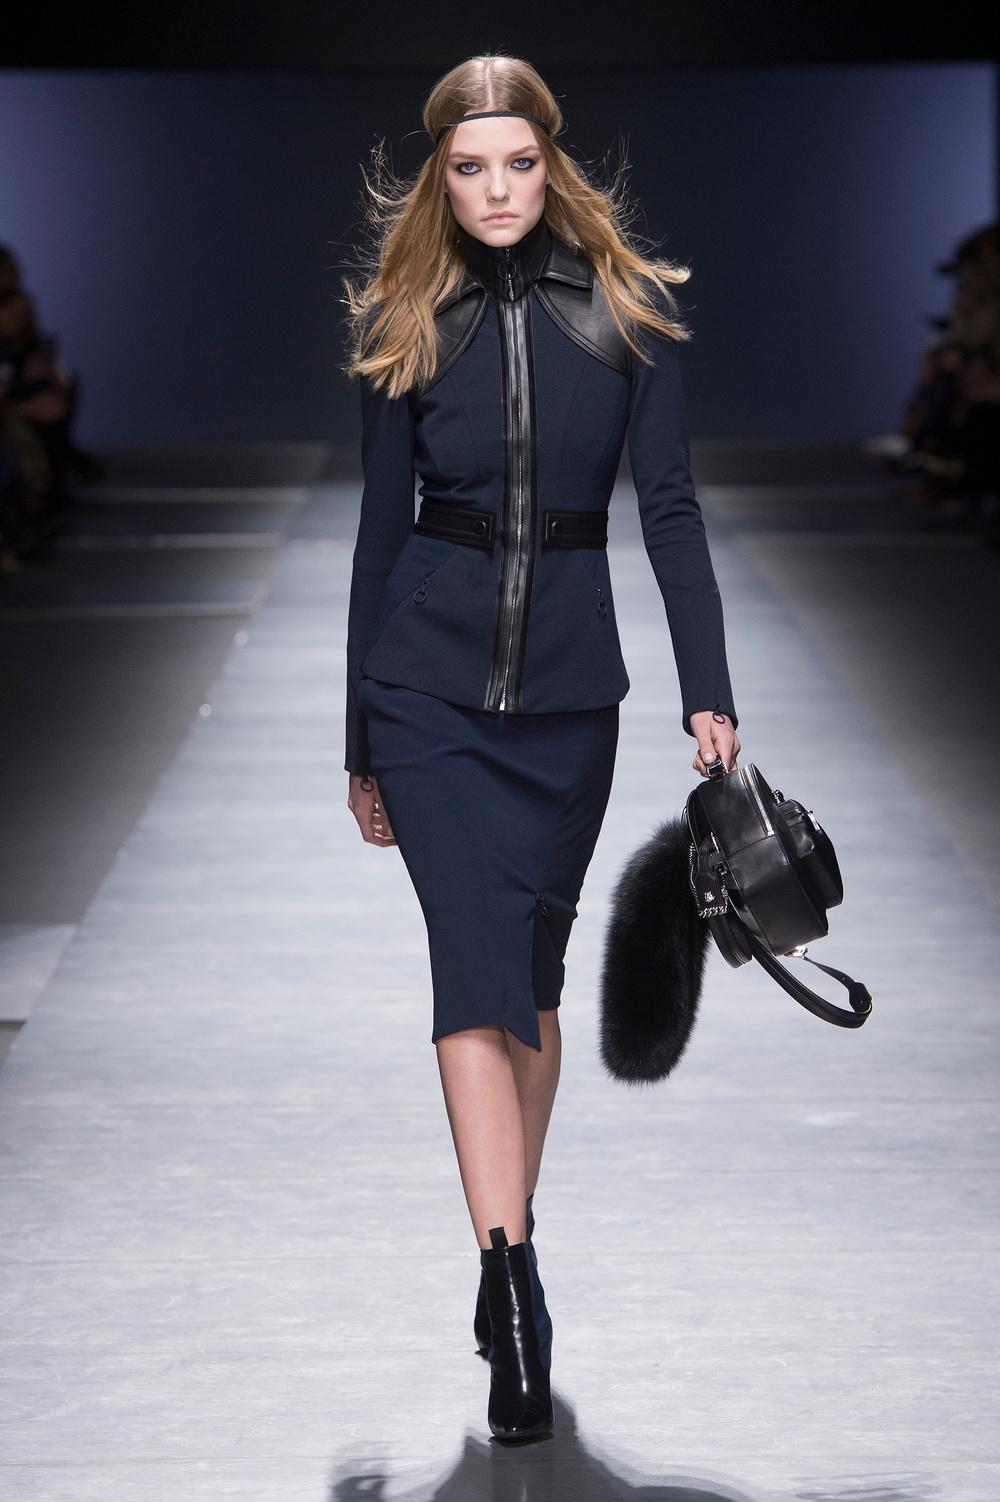 Versace_Women_FW16_002.JPG